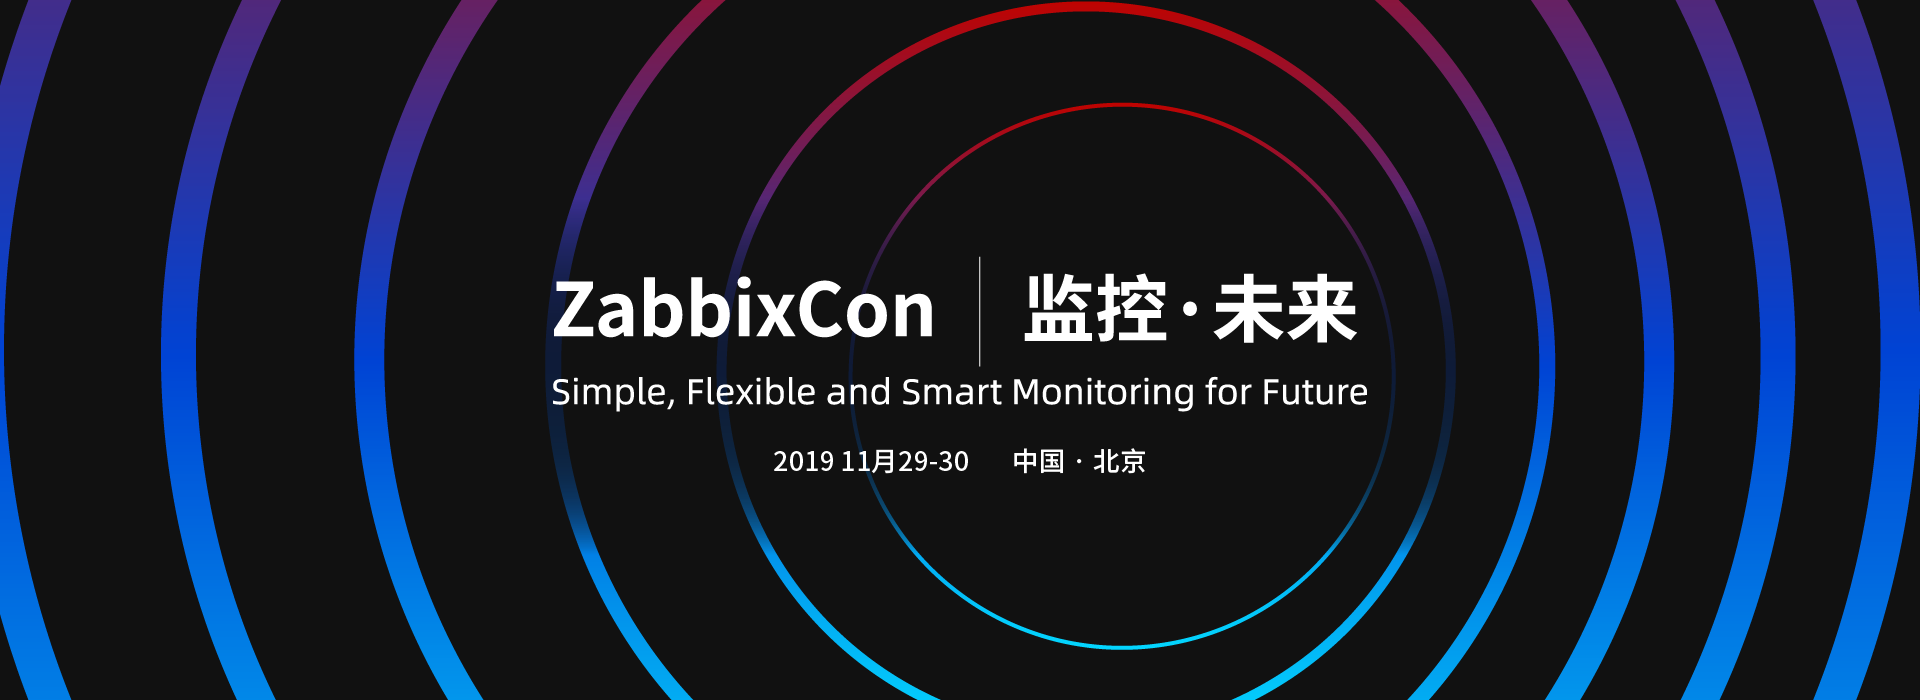 【大会专场】Zabbix认证培训考试直通车